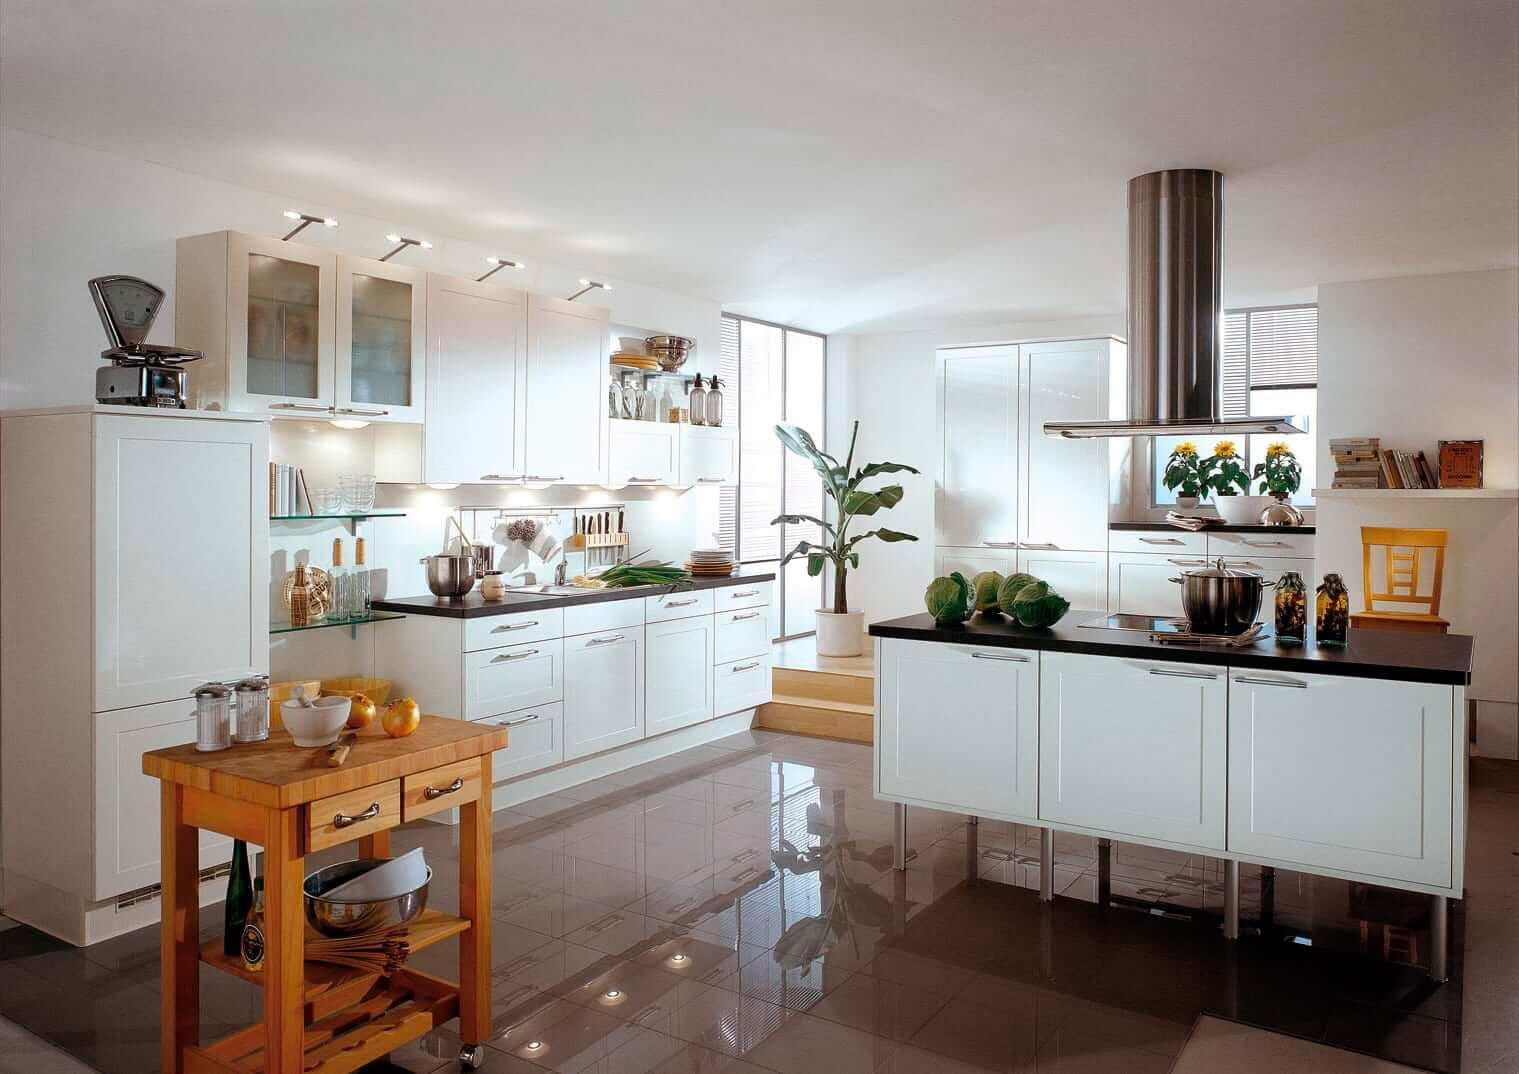 Даже небольшое количество зелени способно кардинально преобразить интерьер кухни